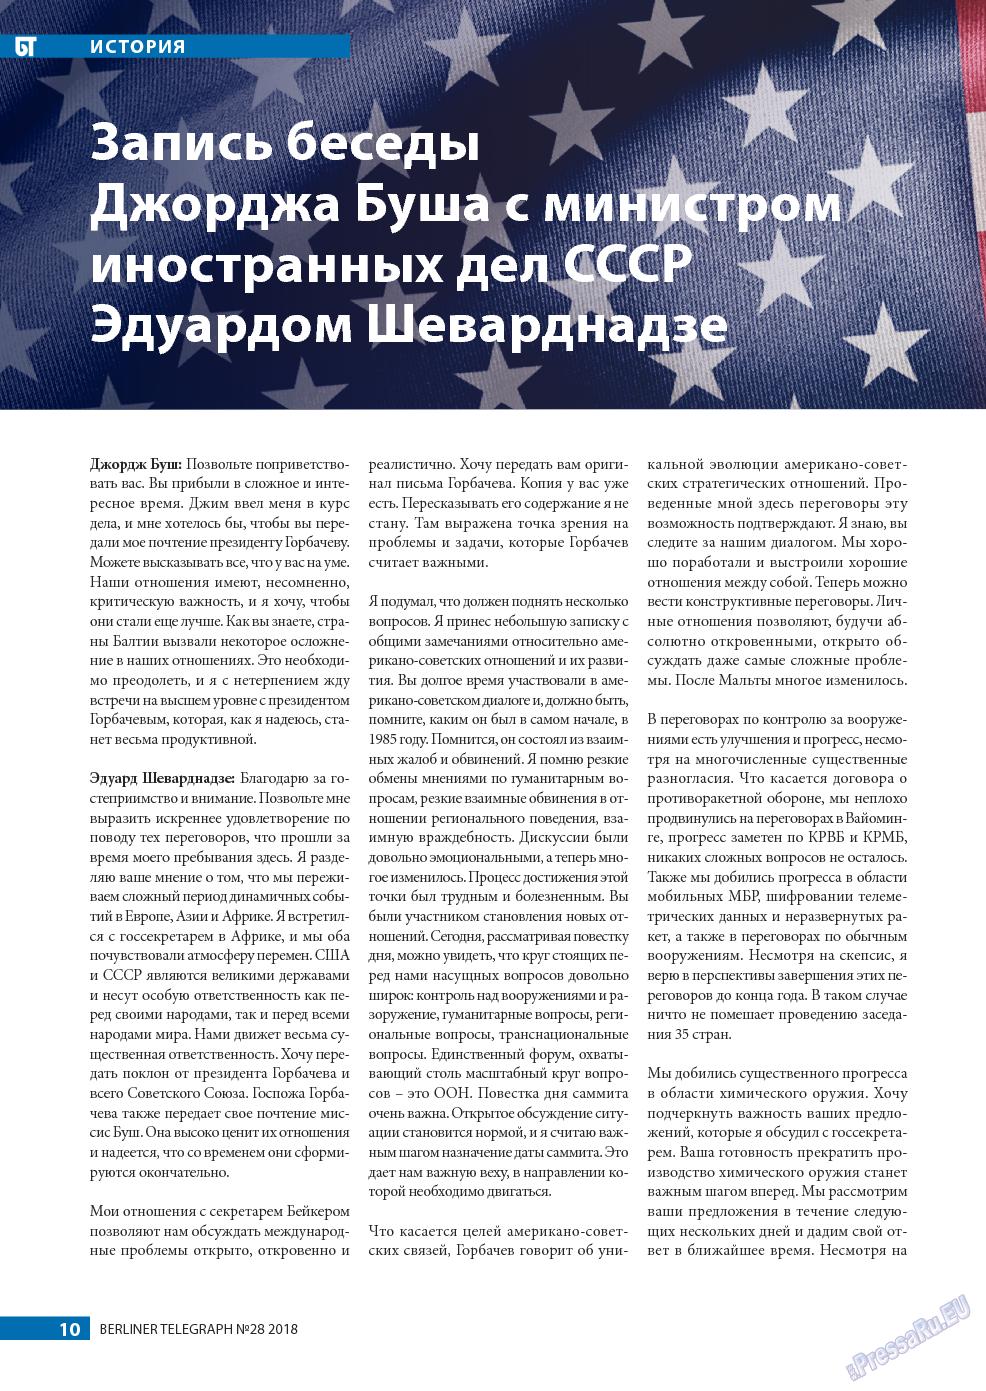 Берлинский телеграф (журнал). 2018 год, номер 28, стр. 10